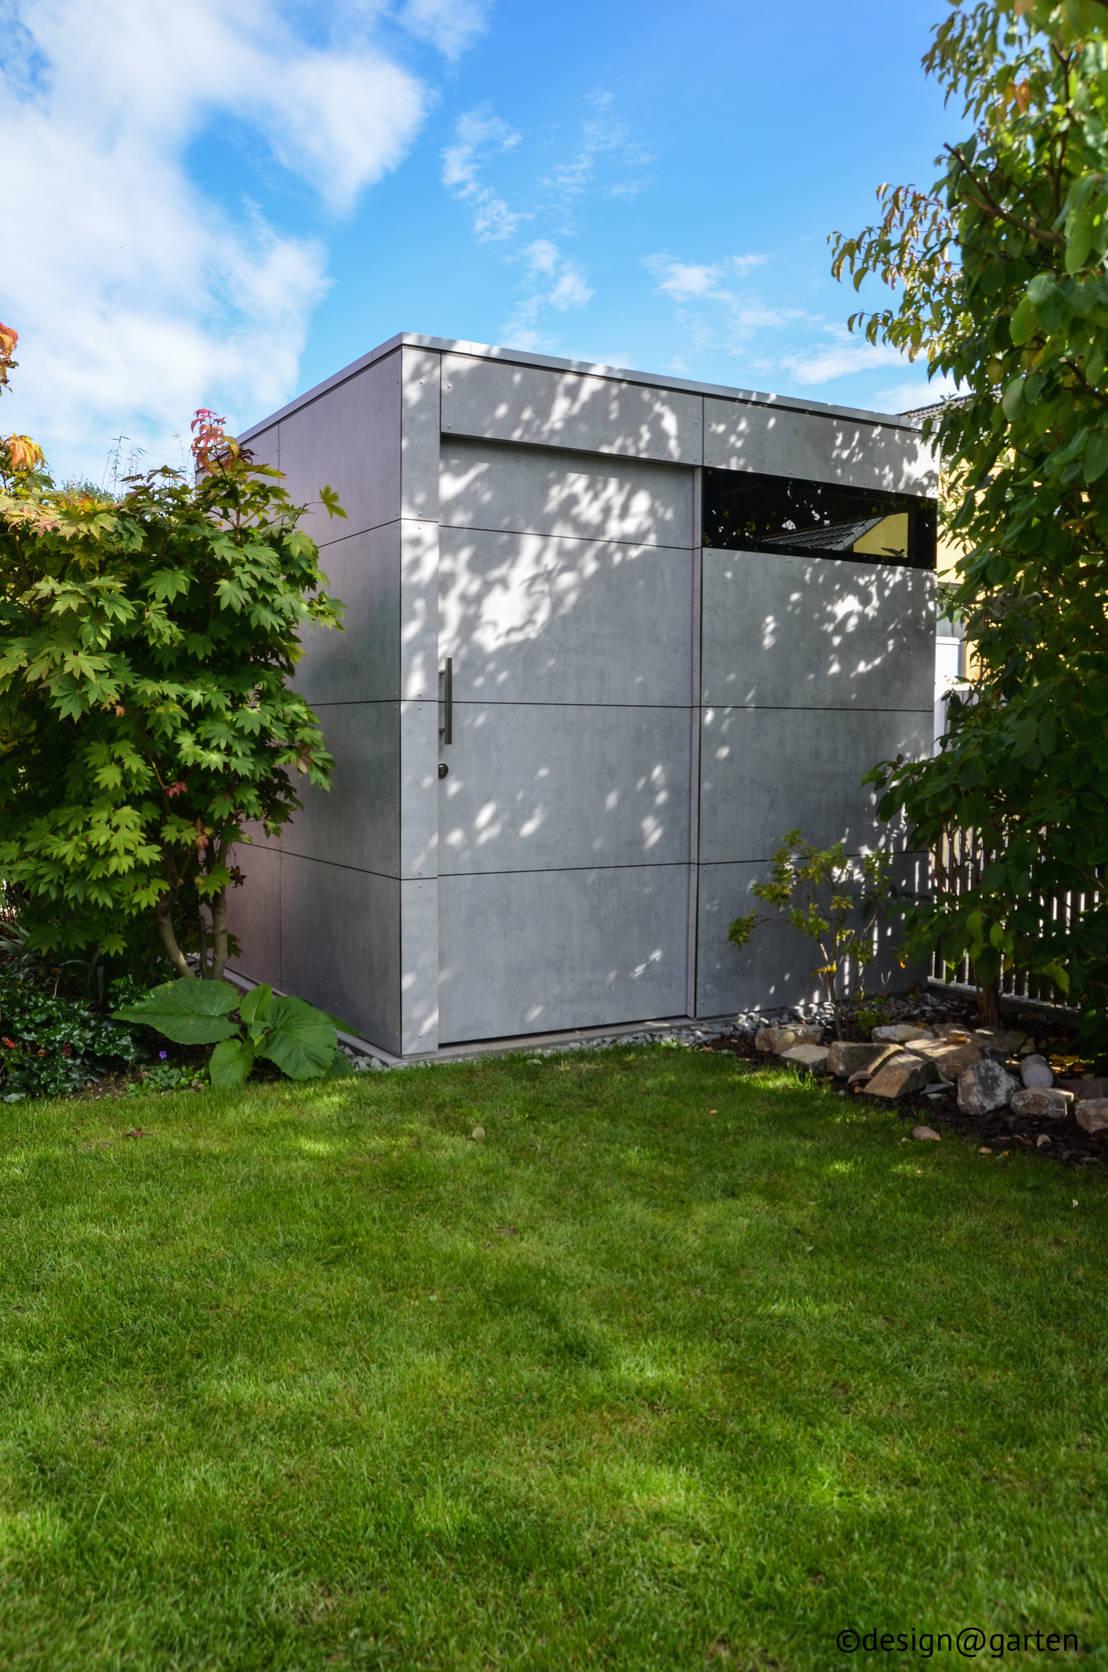 gartenhaus gart zwei augsburg von design garten homify. Black Bedroom Furniture Sets. Home Design Ideas